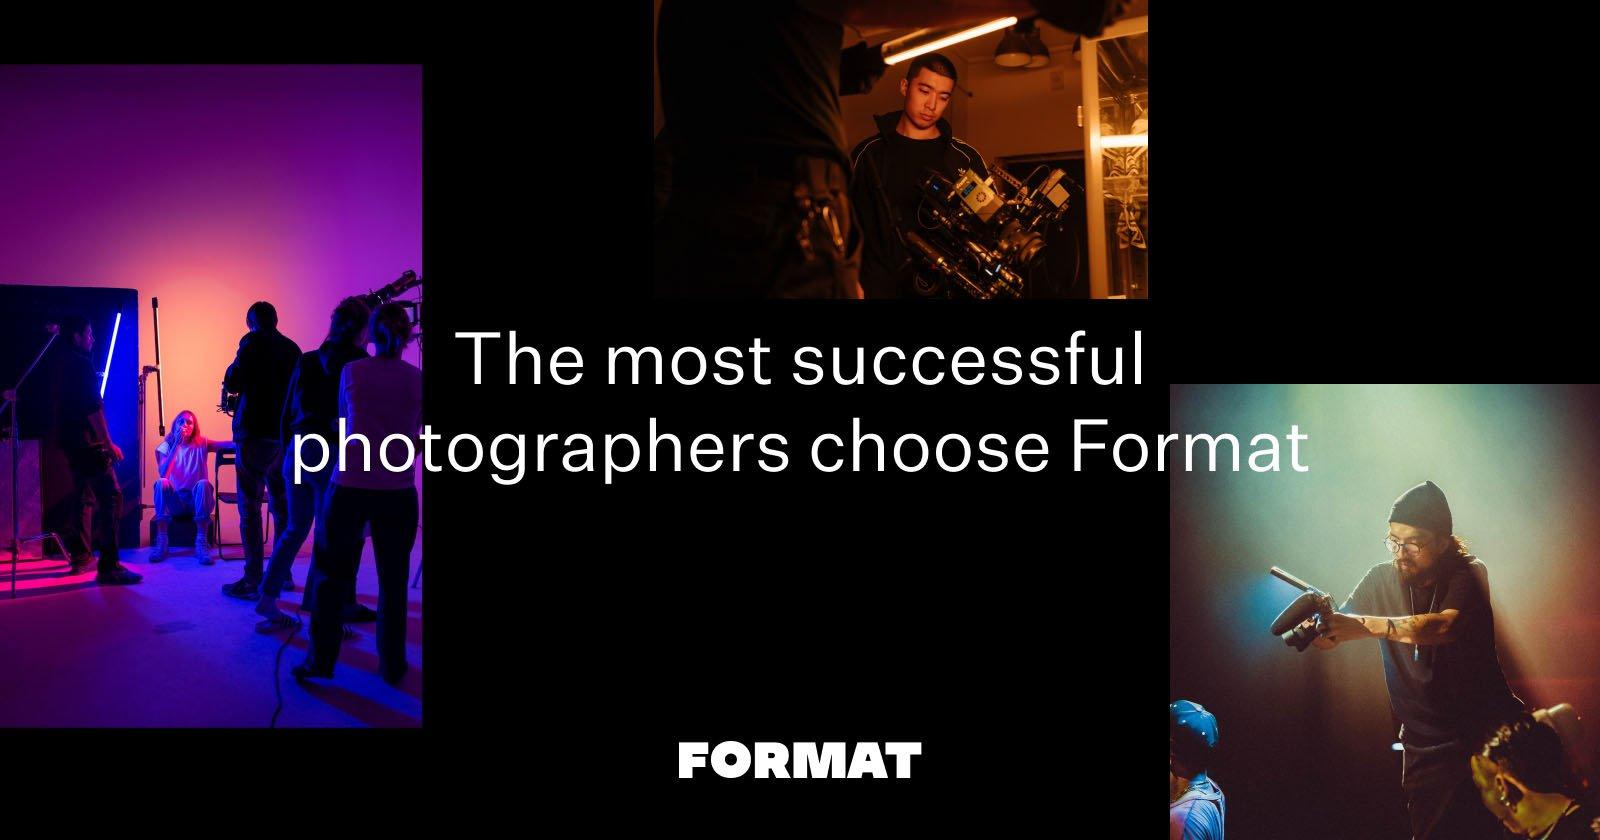 Sei motivi per cui i fotografi di maggior successo scelgono il formato